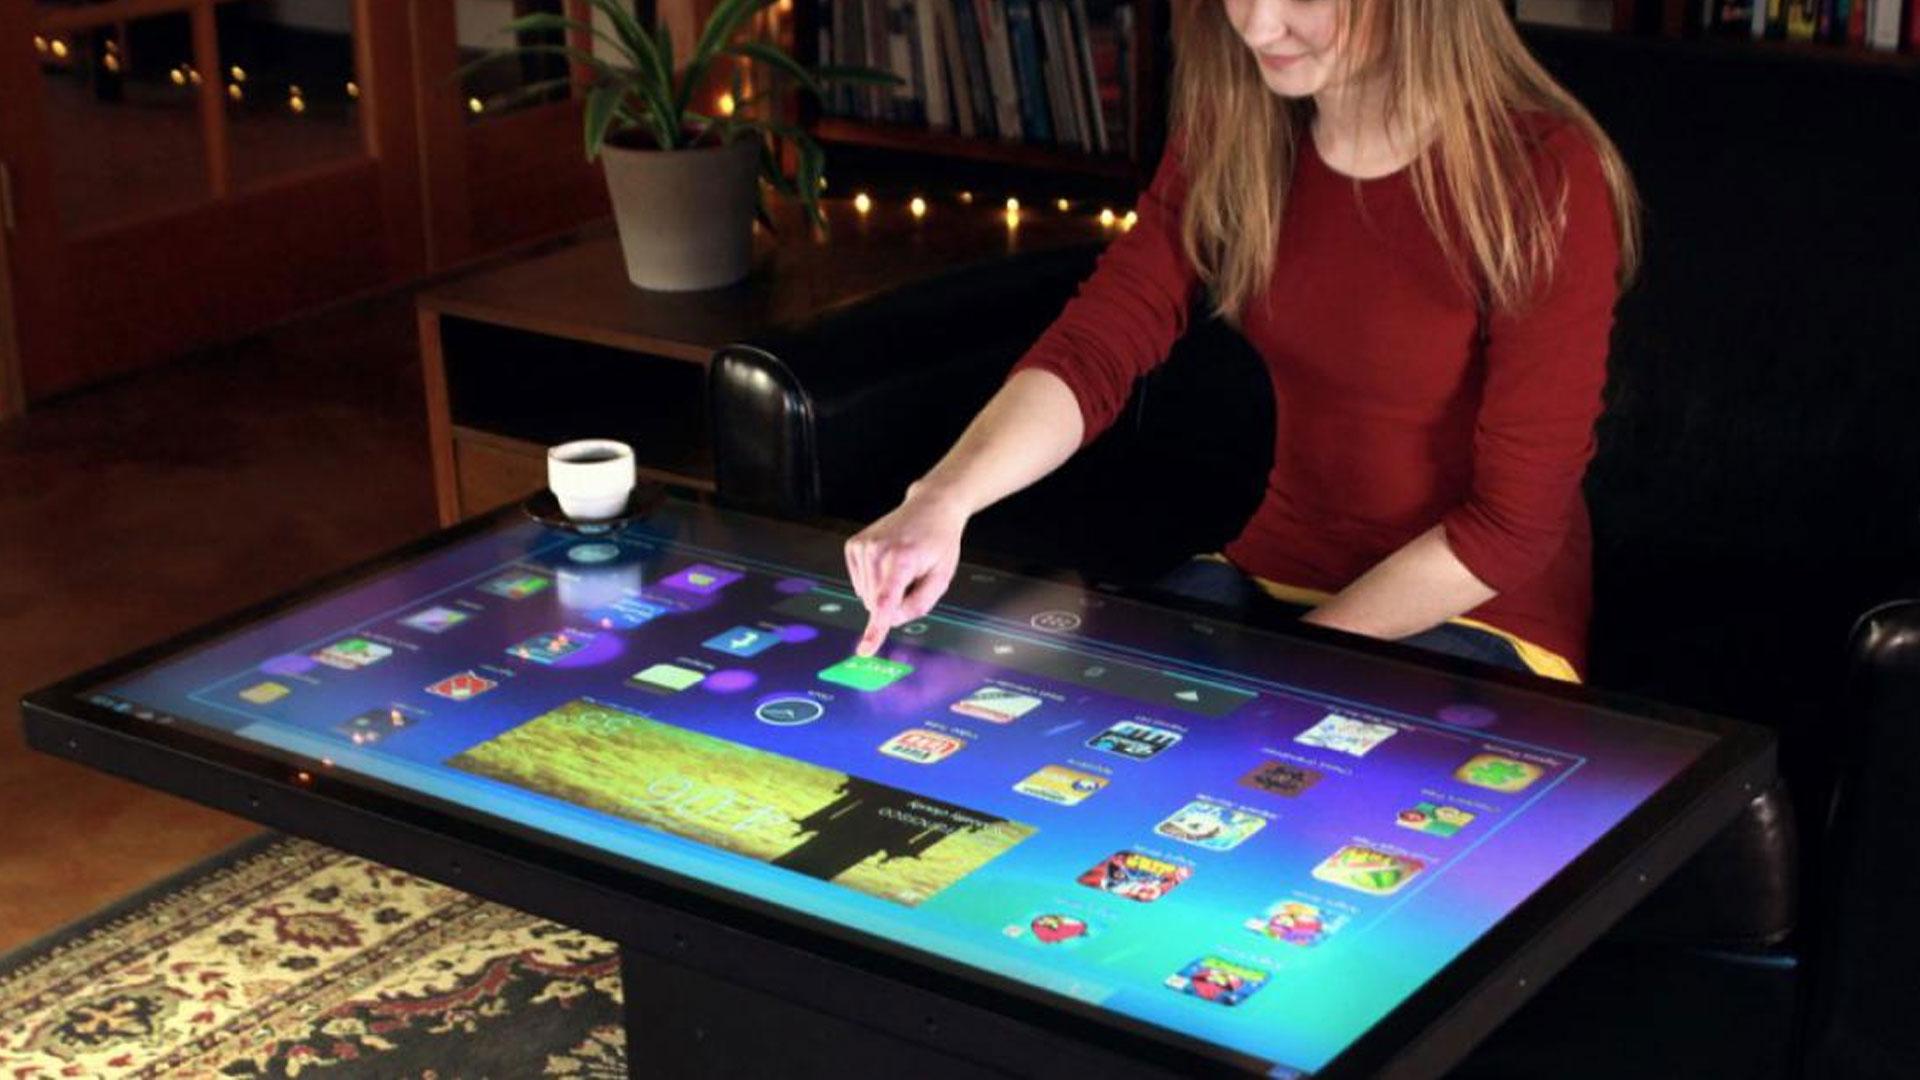 Samsung Tahoe : la tablette de 18.4 pouces sous Android se confirme